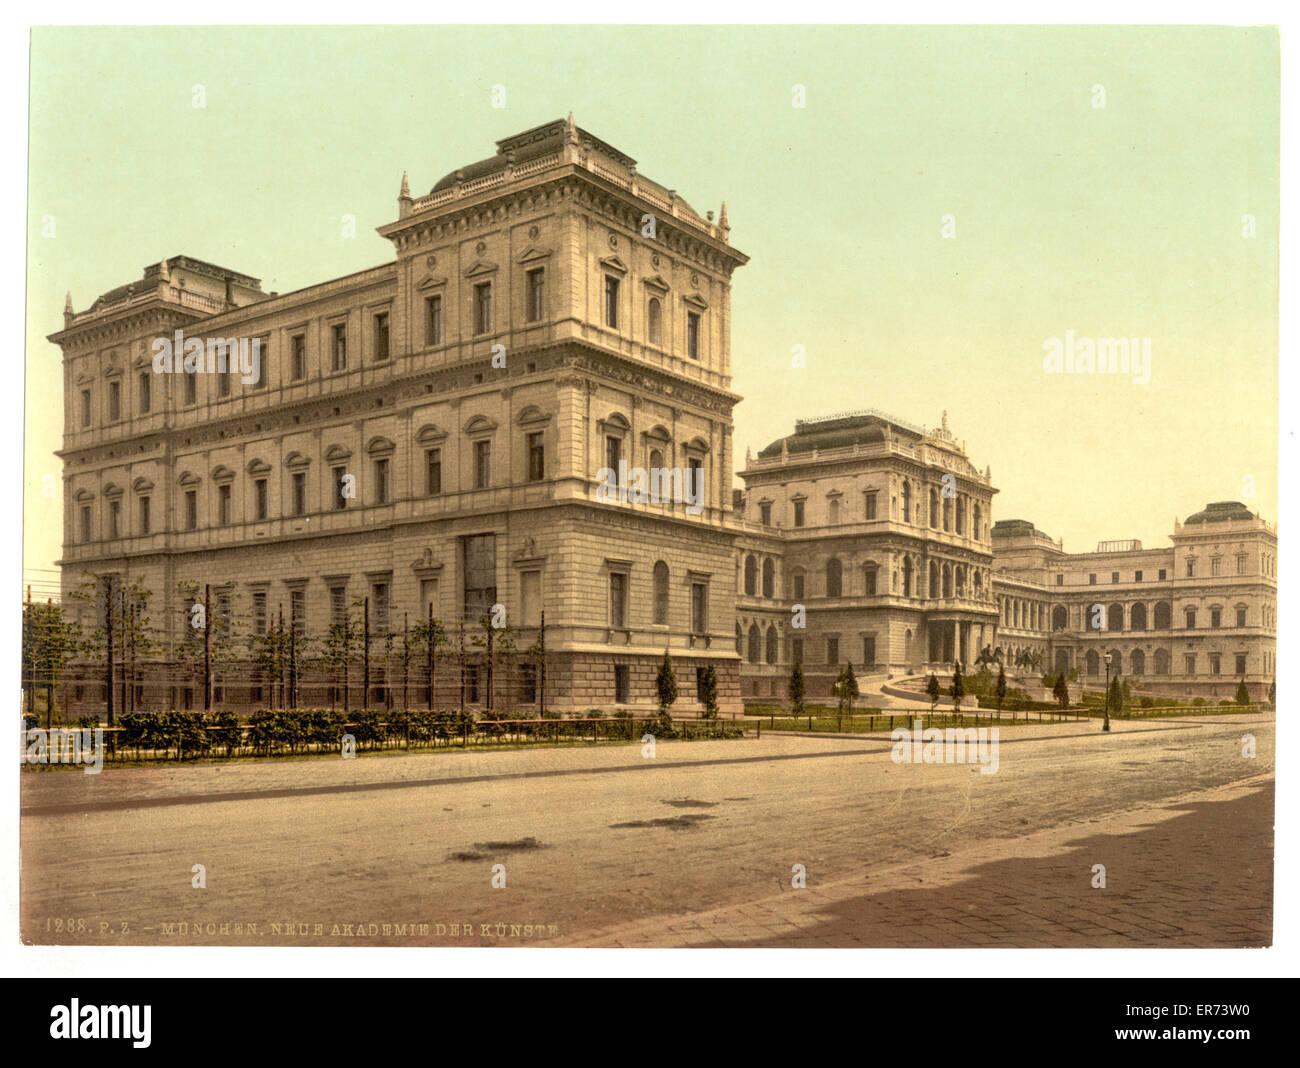 Neue Akademie der bildenden Künste, München, Bayern, Deutschland. Bis ca. 1890 ca. 1900 bis heute. Stockbild